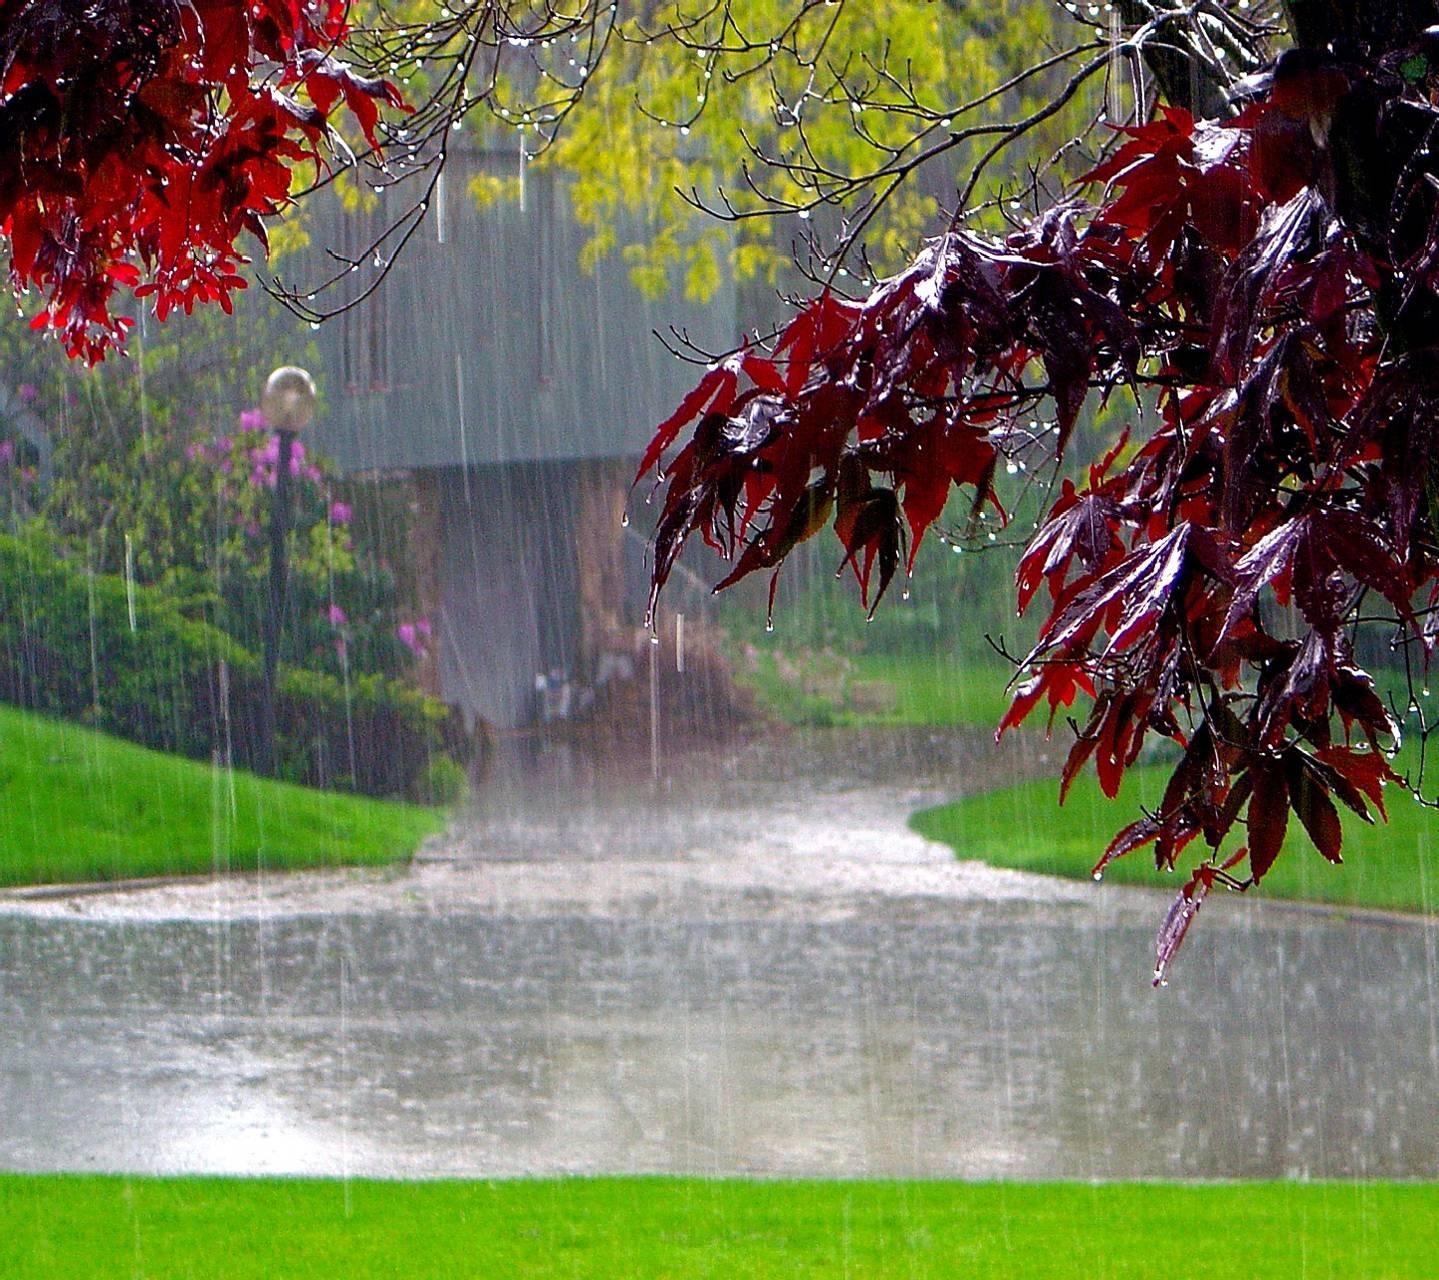 Meteoroloji'den uyarı üstüne uyarı! Bu bölgelerde yaşayanlar dikkat! Pazar günü şemsiyesiz çıkmayın!